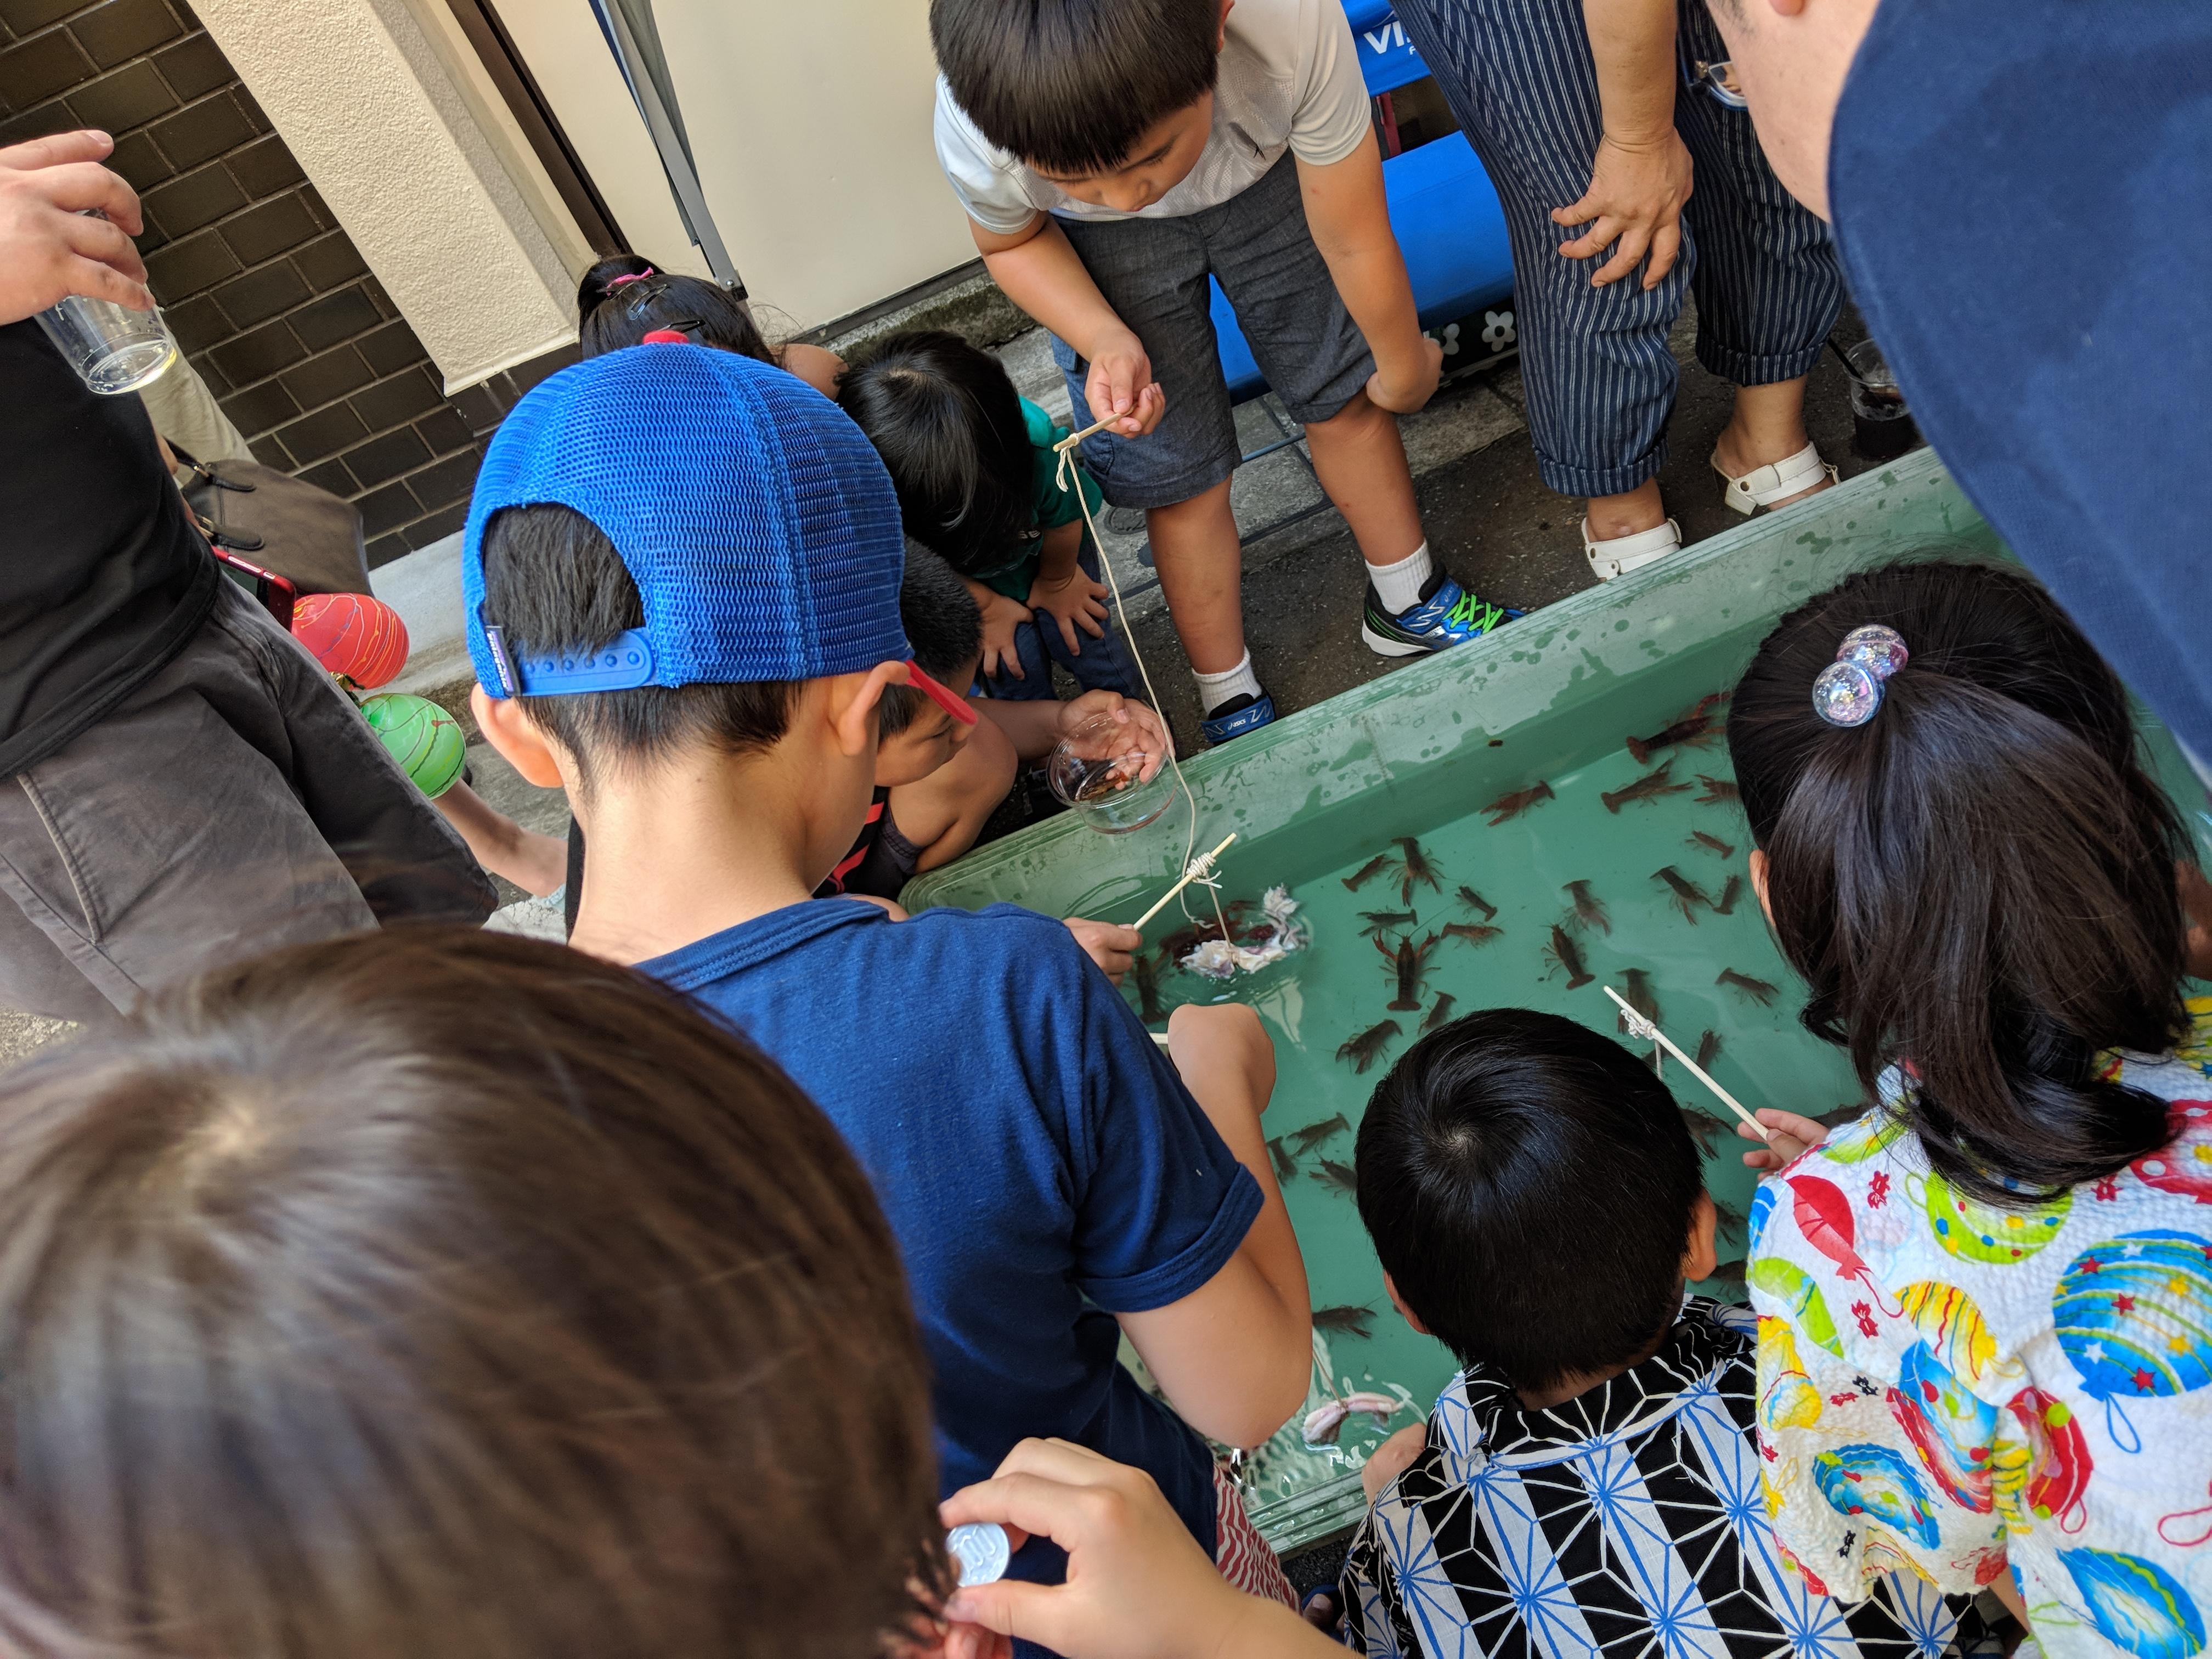 Tanabata Matsuri - Catching crayfish